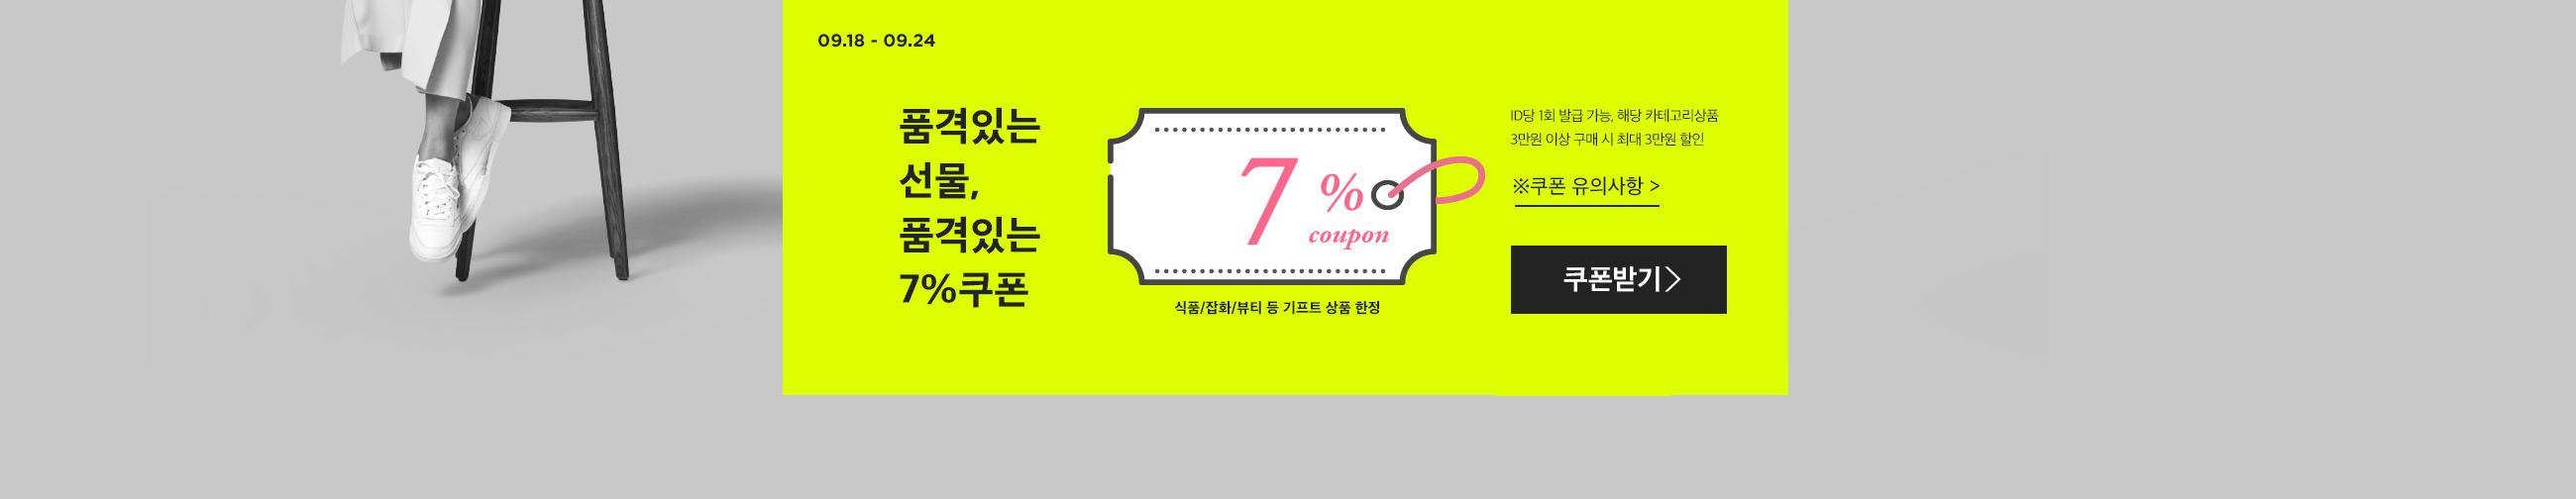 품격있는 선물, 품격있는 7%쿠폰(09.18 ~ 09.24)